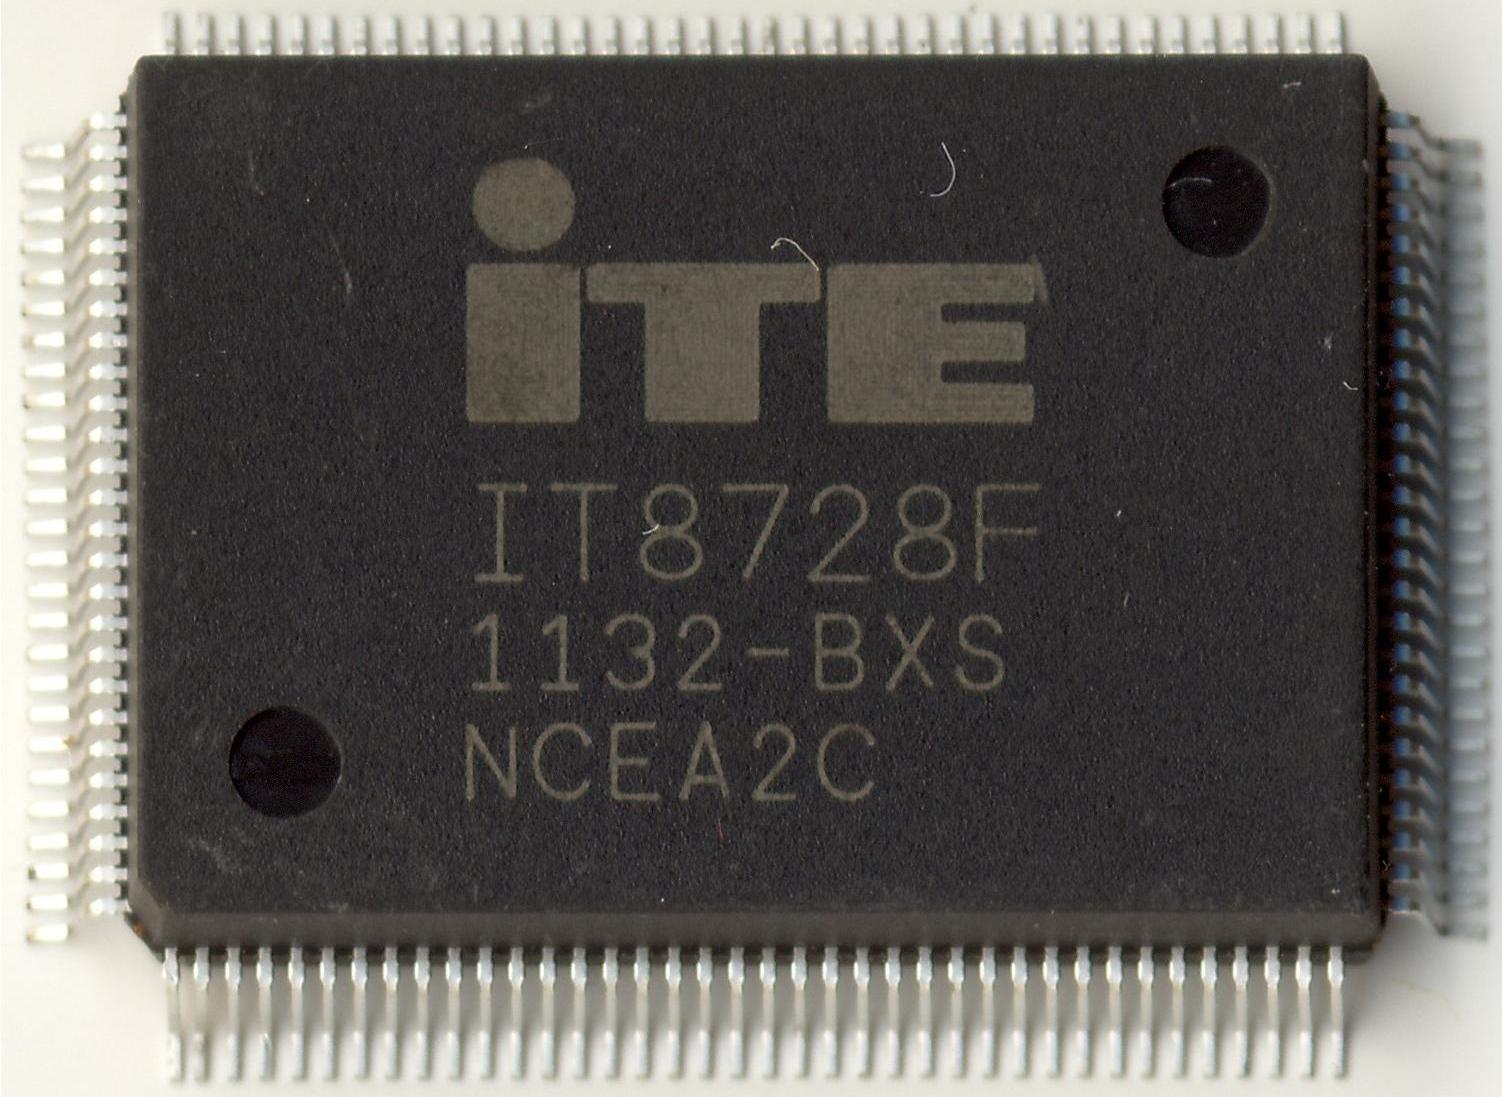 IT8728F